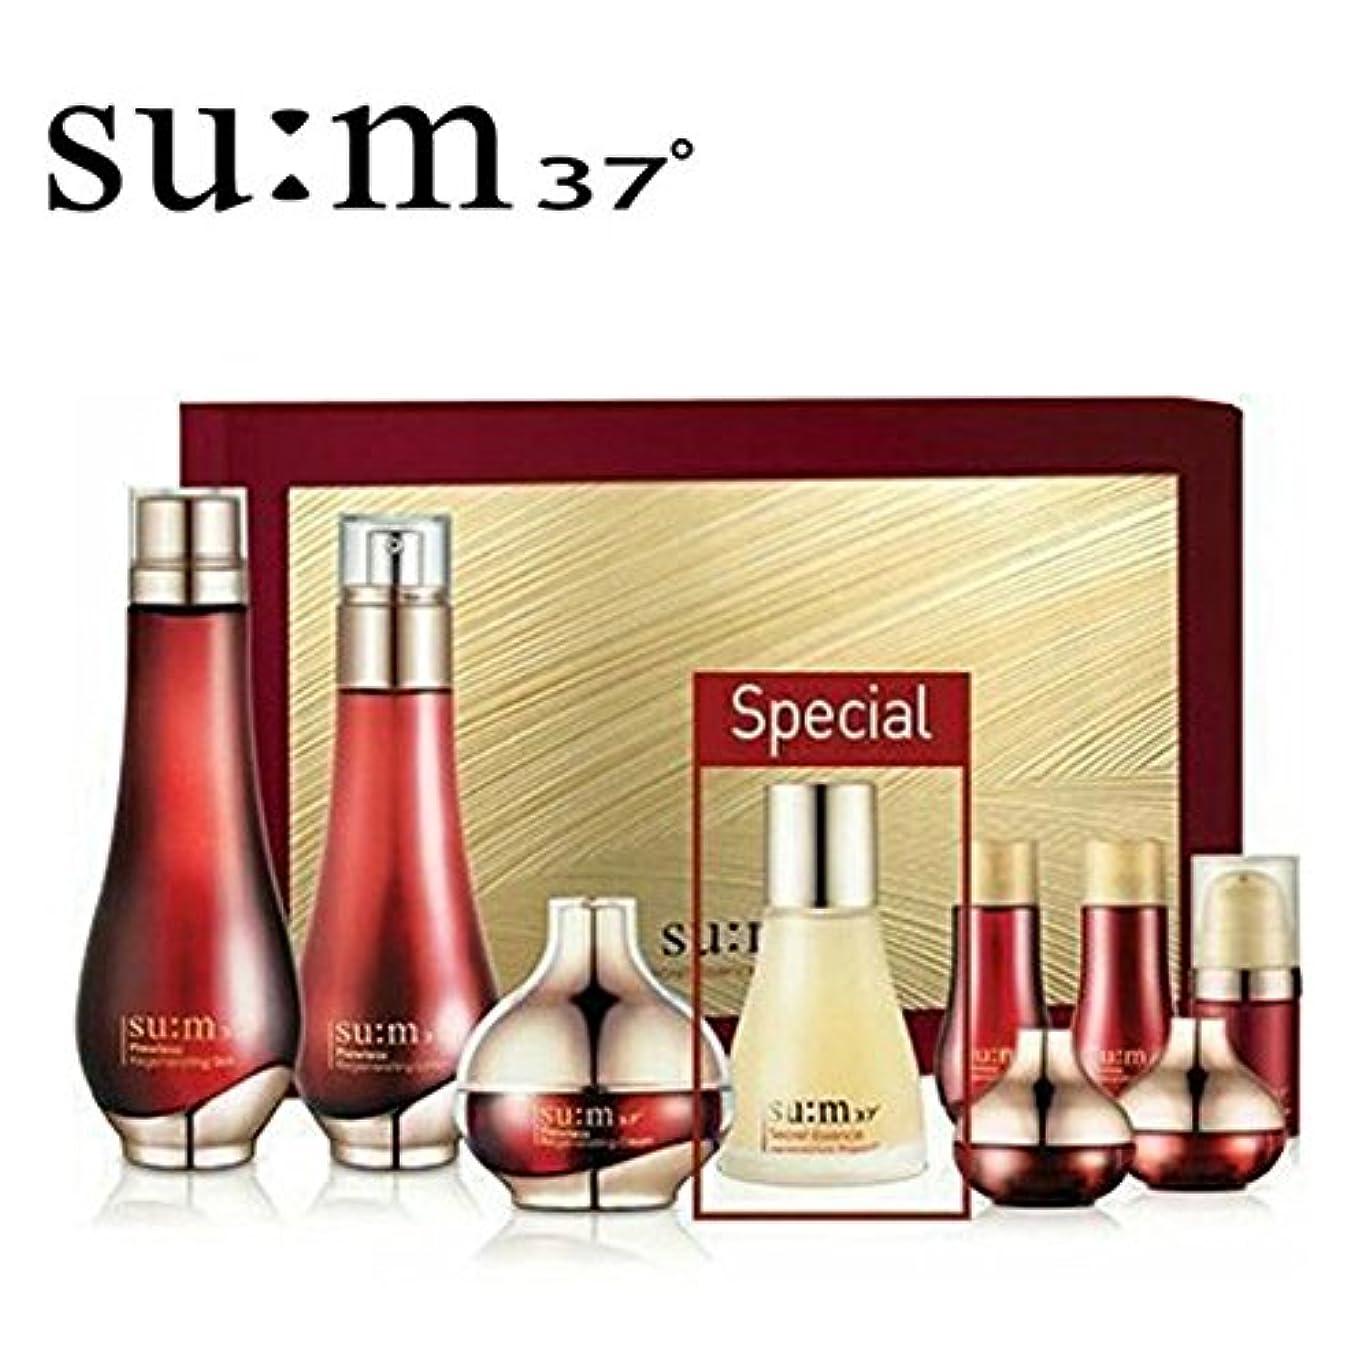 思いやり不忠空虚[su:m37/スム37°] SUM37 Flowless Special Set/ sum37 スム37? フローレス 3種 企画セット +[Sample Gift](海外直送品)